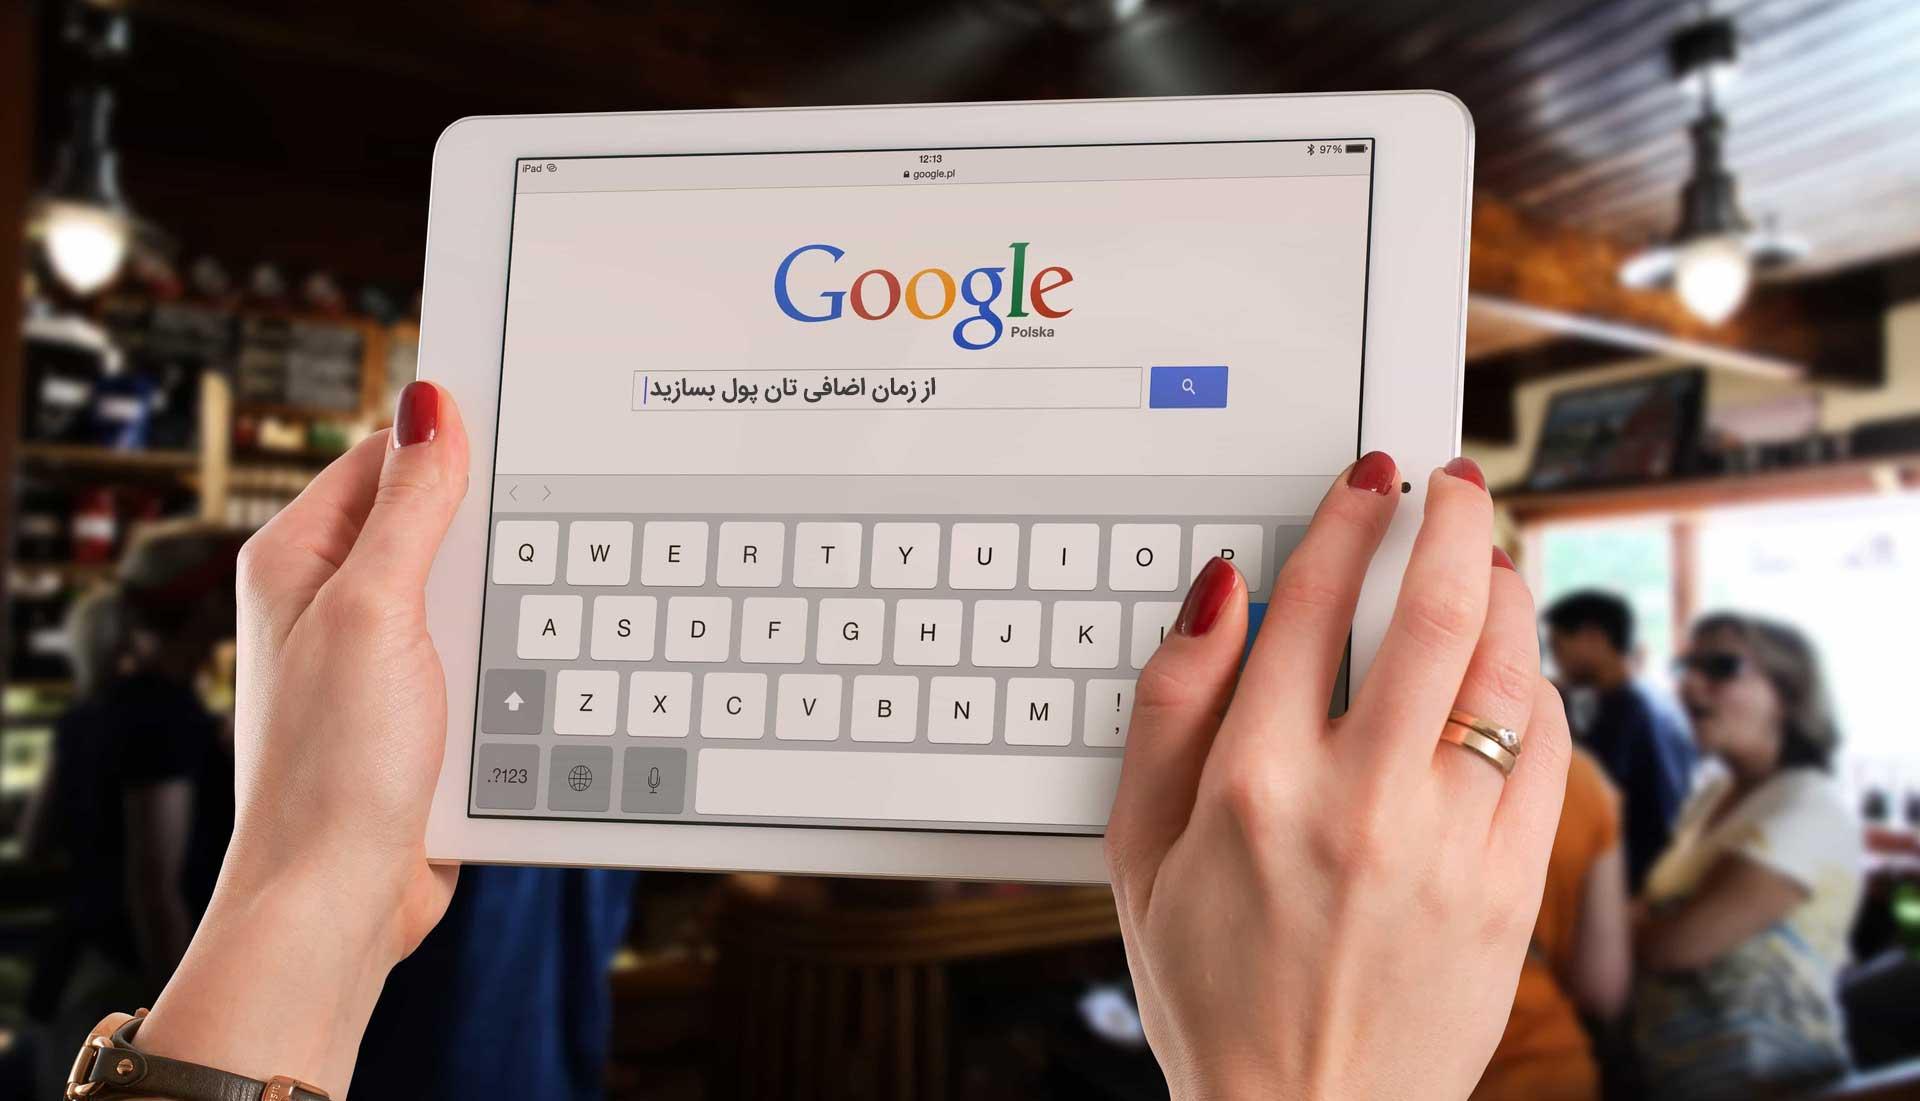 کسب درآمد از اینترنت با تخصص و مهارت | پرگاس